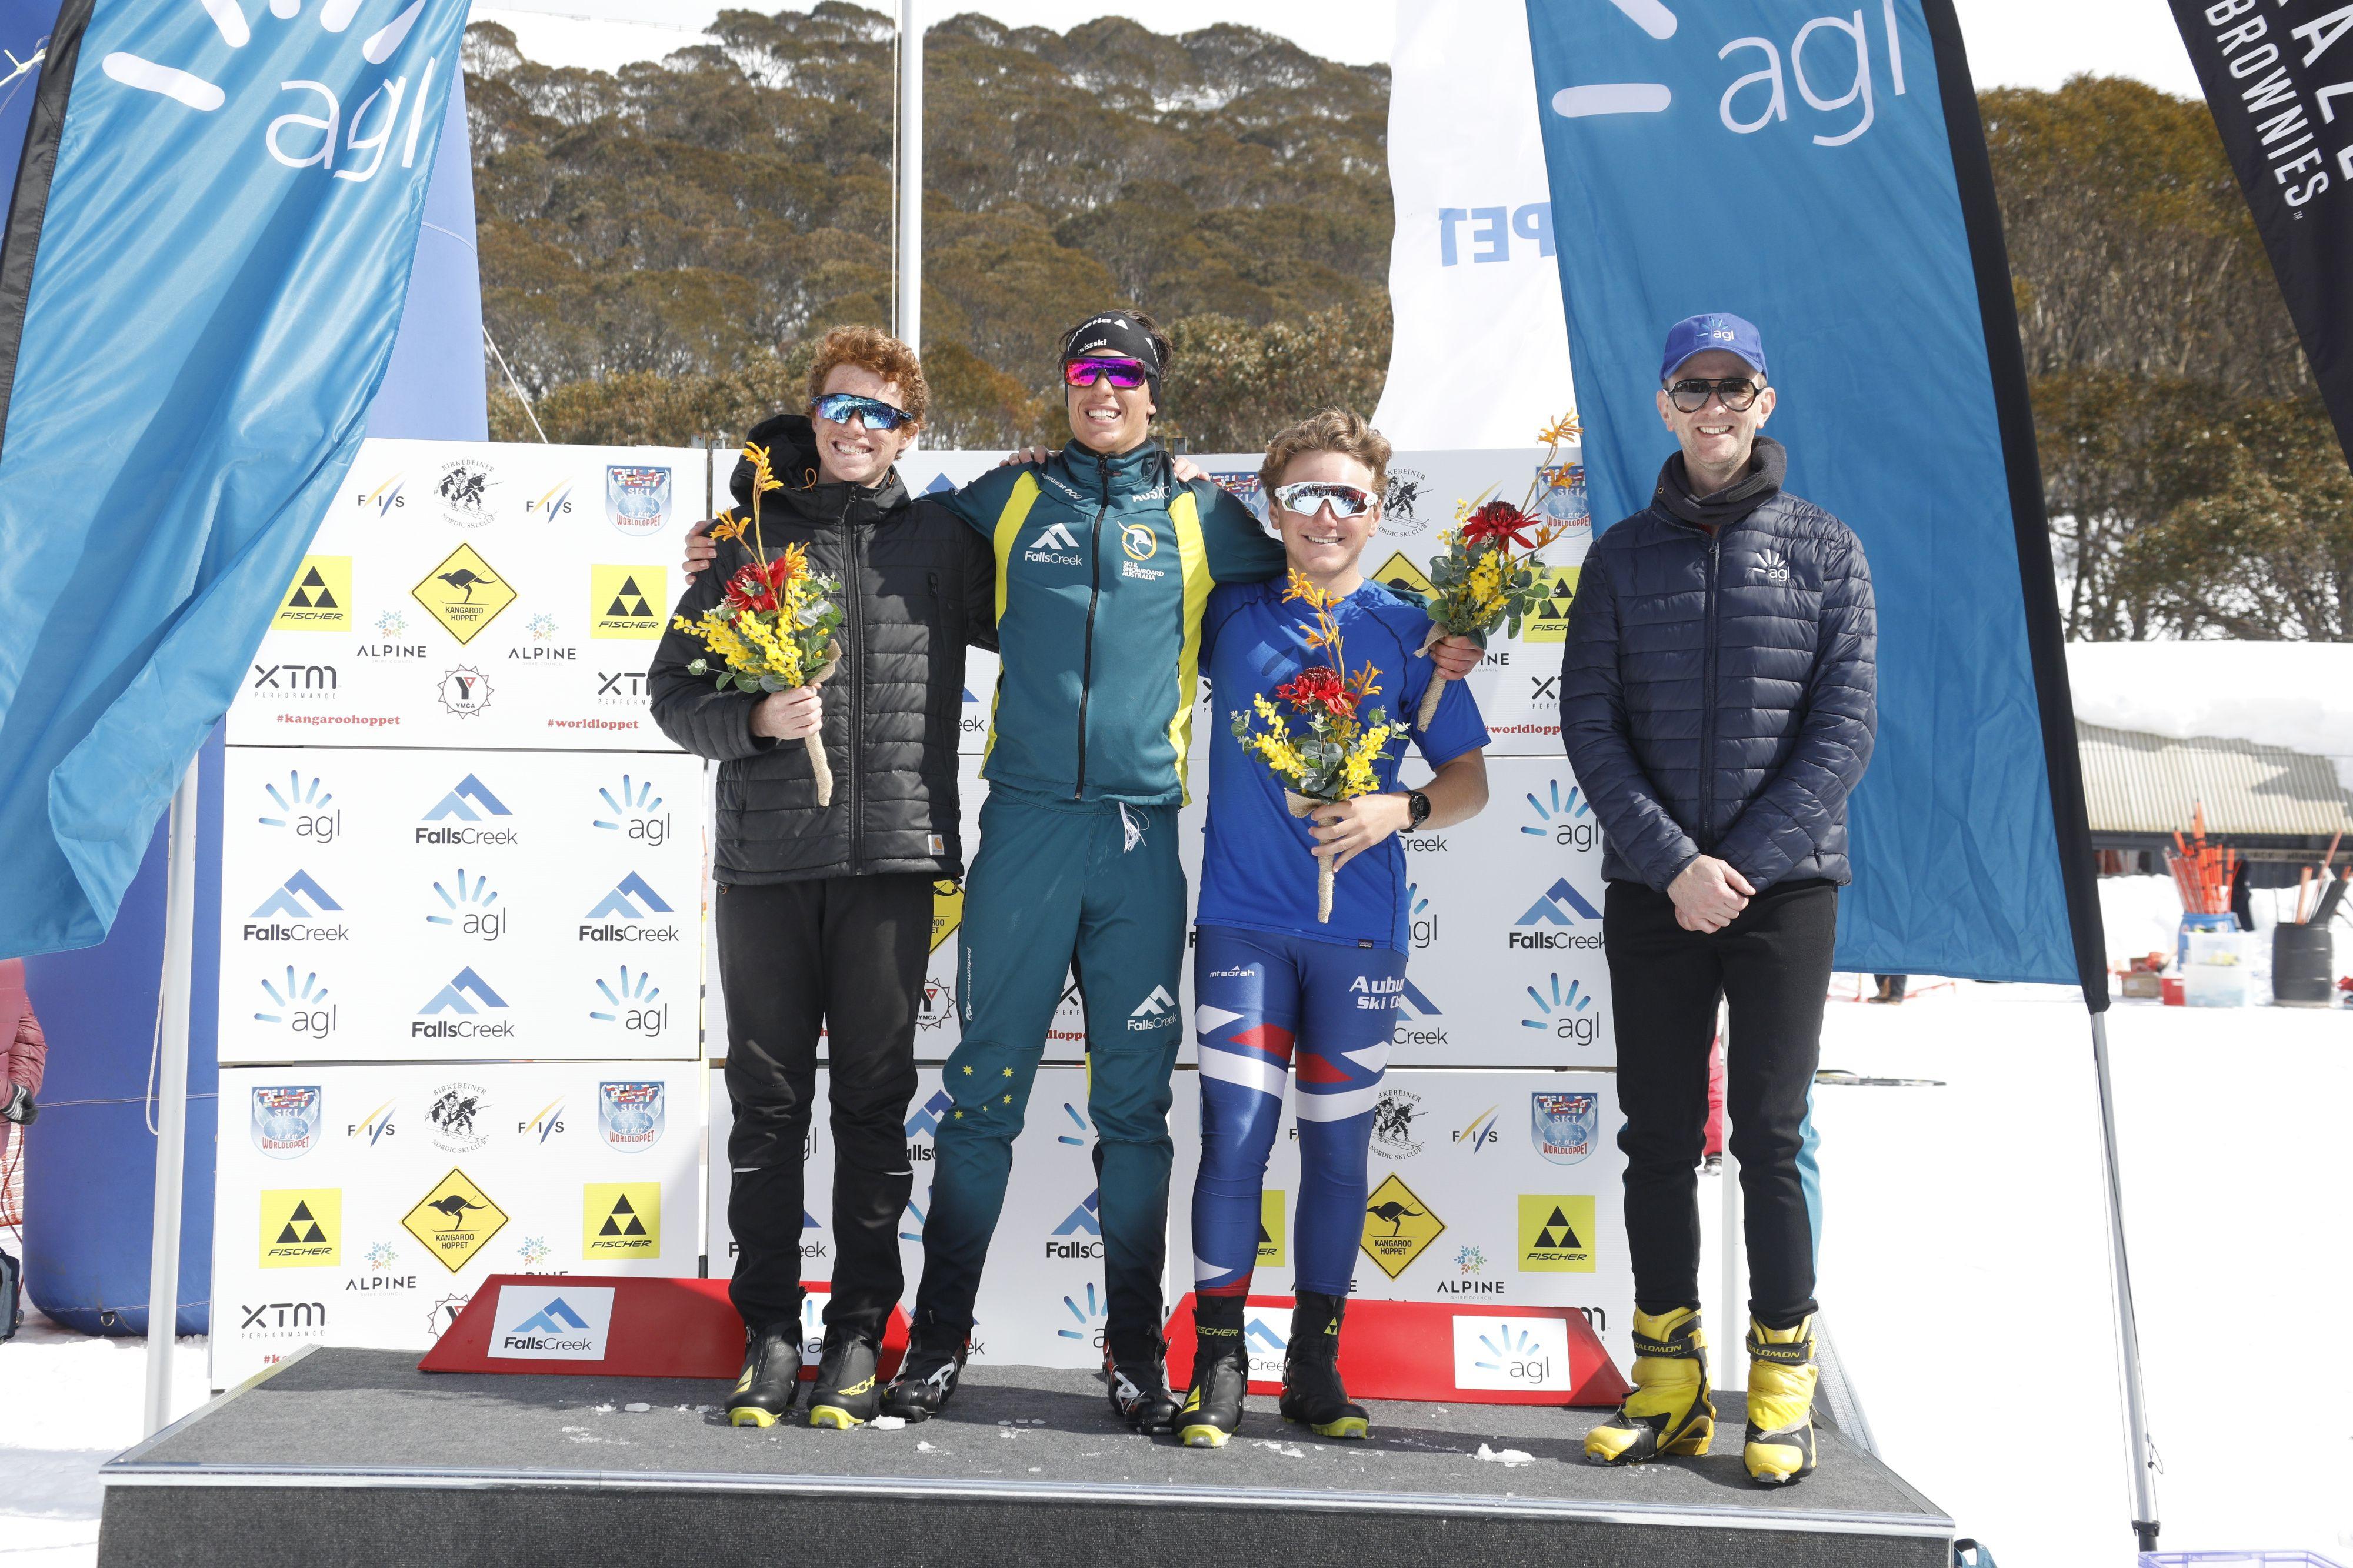 Birki men 2018 podium